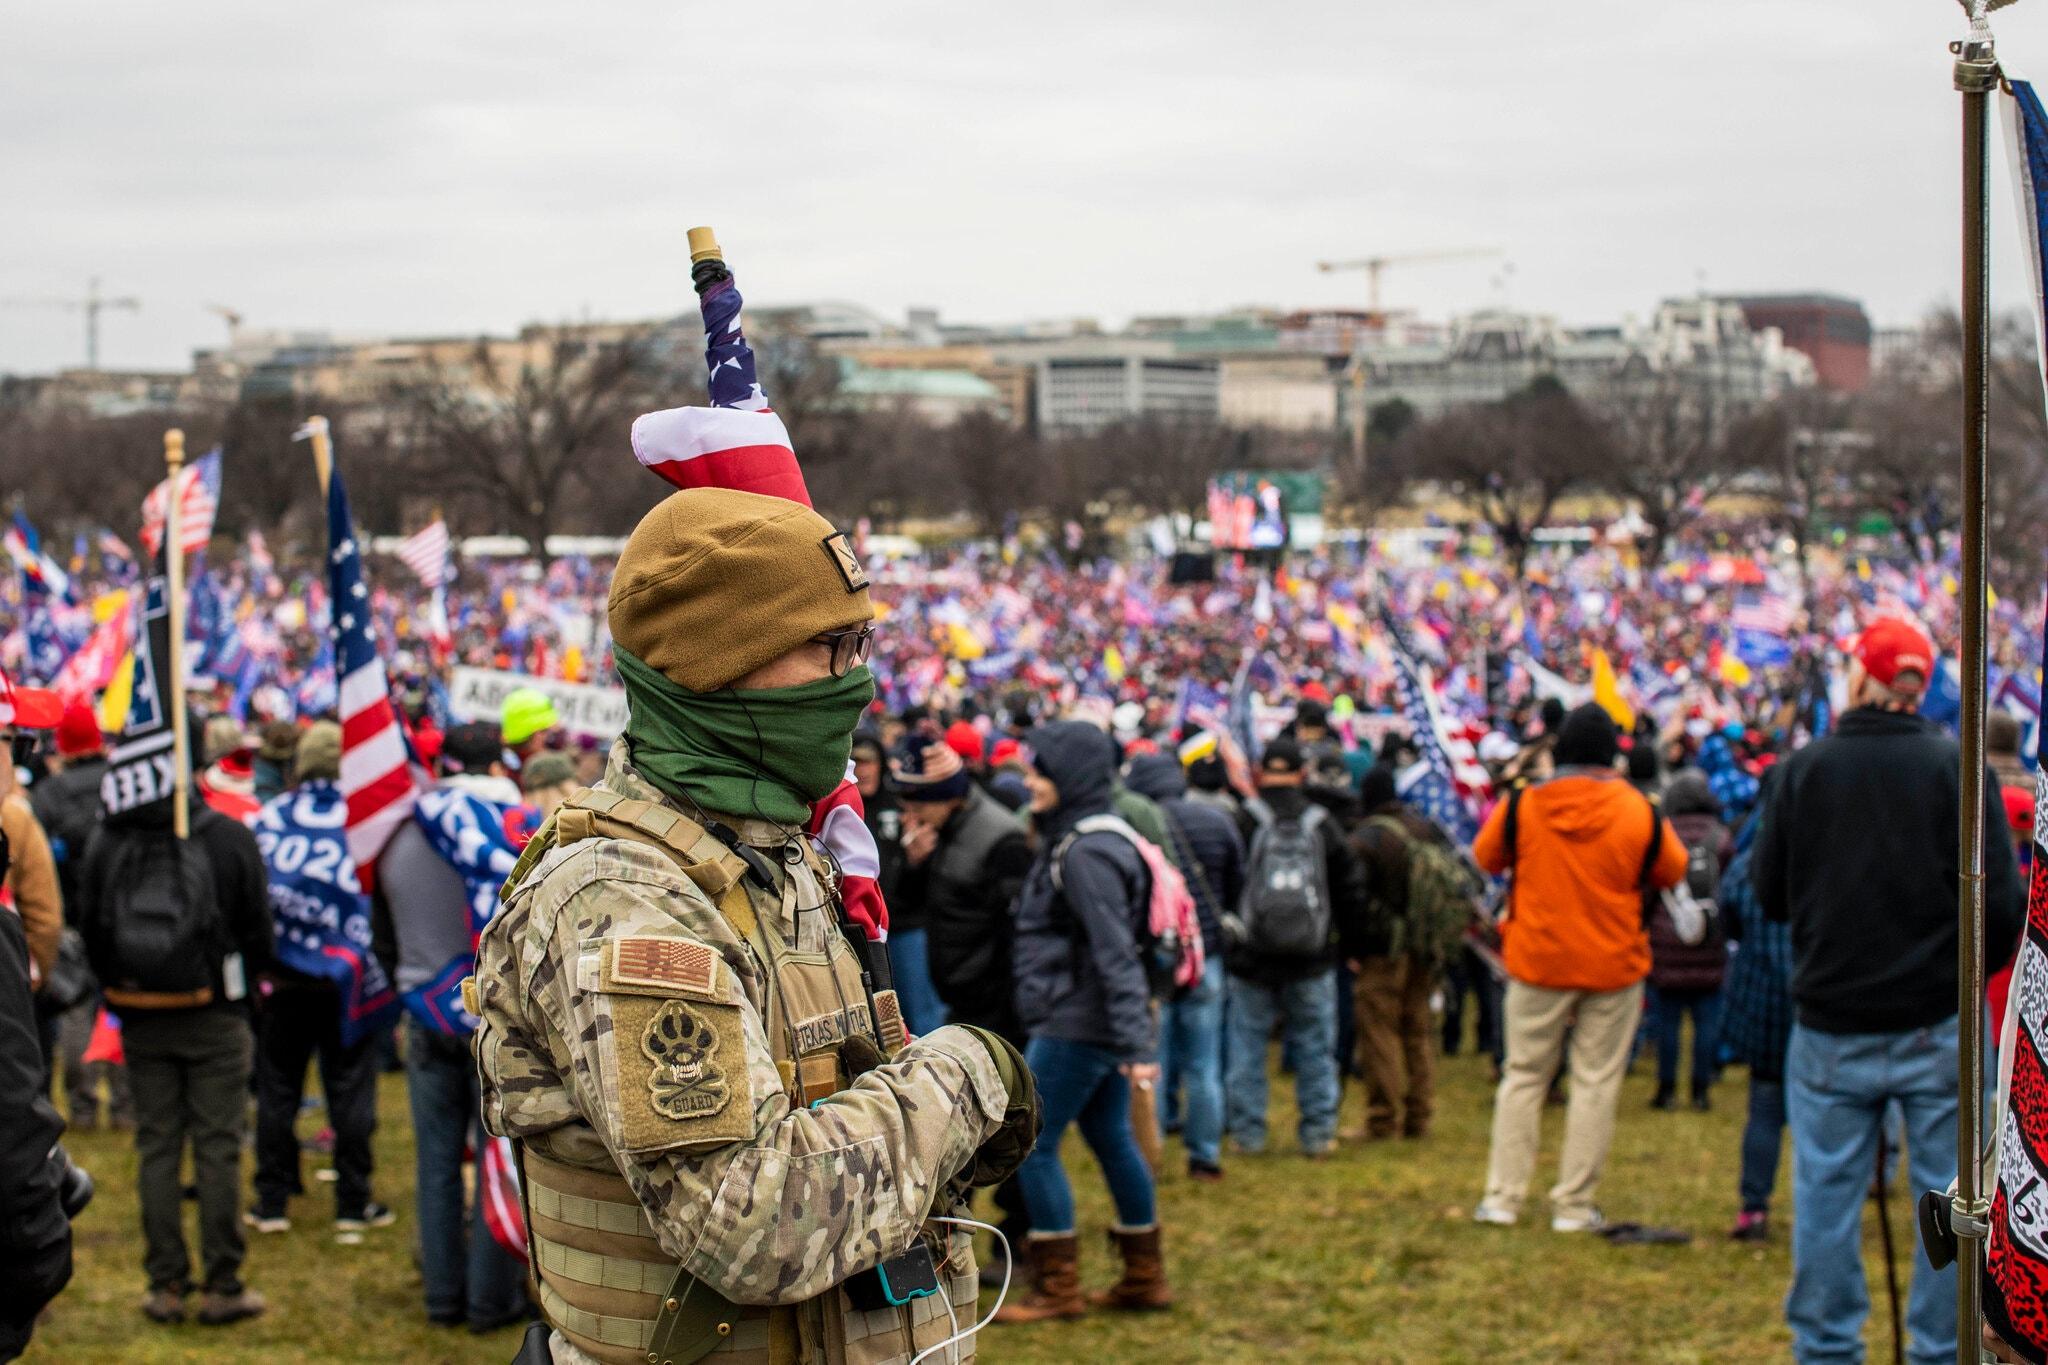 مكتب التحقيقات الفدرالي يدعو الشرطة الأميركية للتأهب خشية استهداف الميليشيات حفل تنصيب بايدن